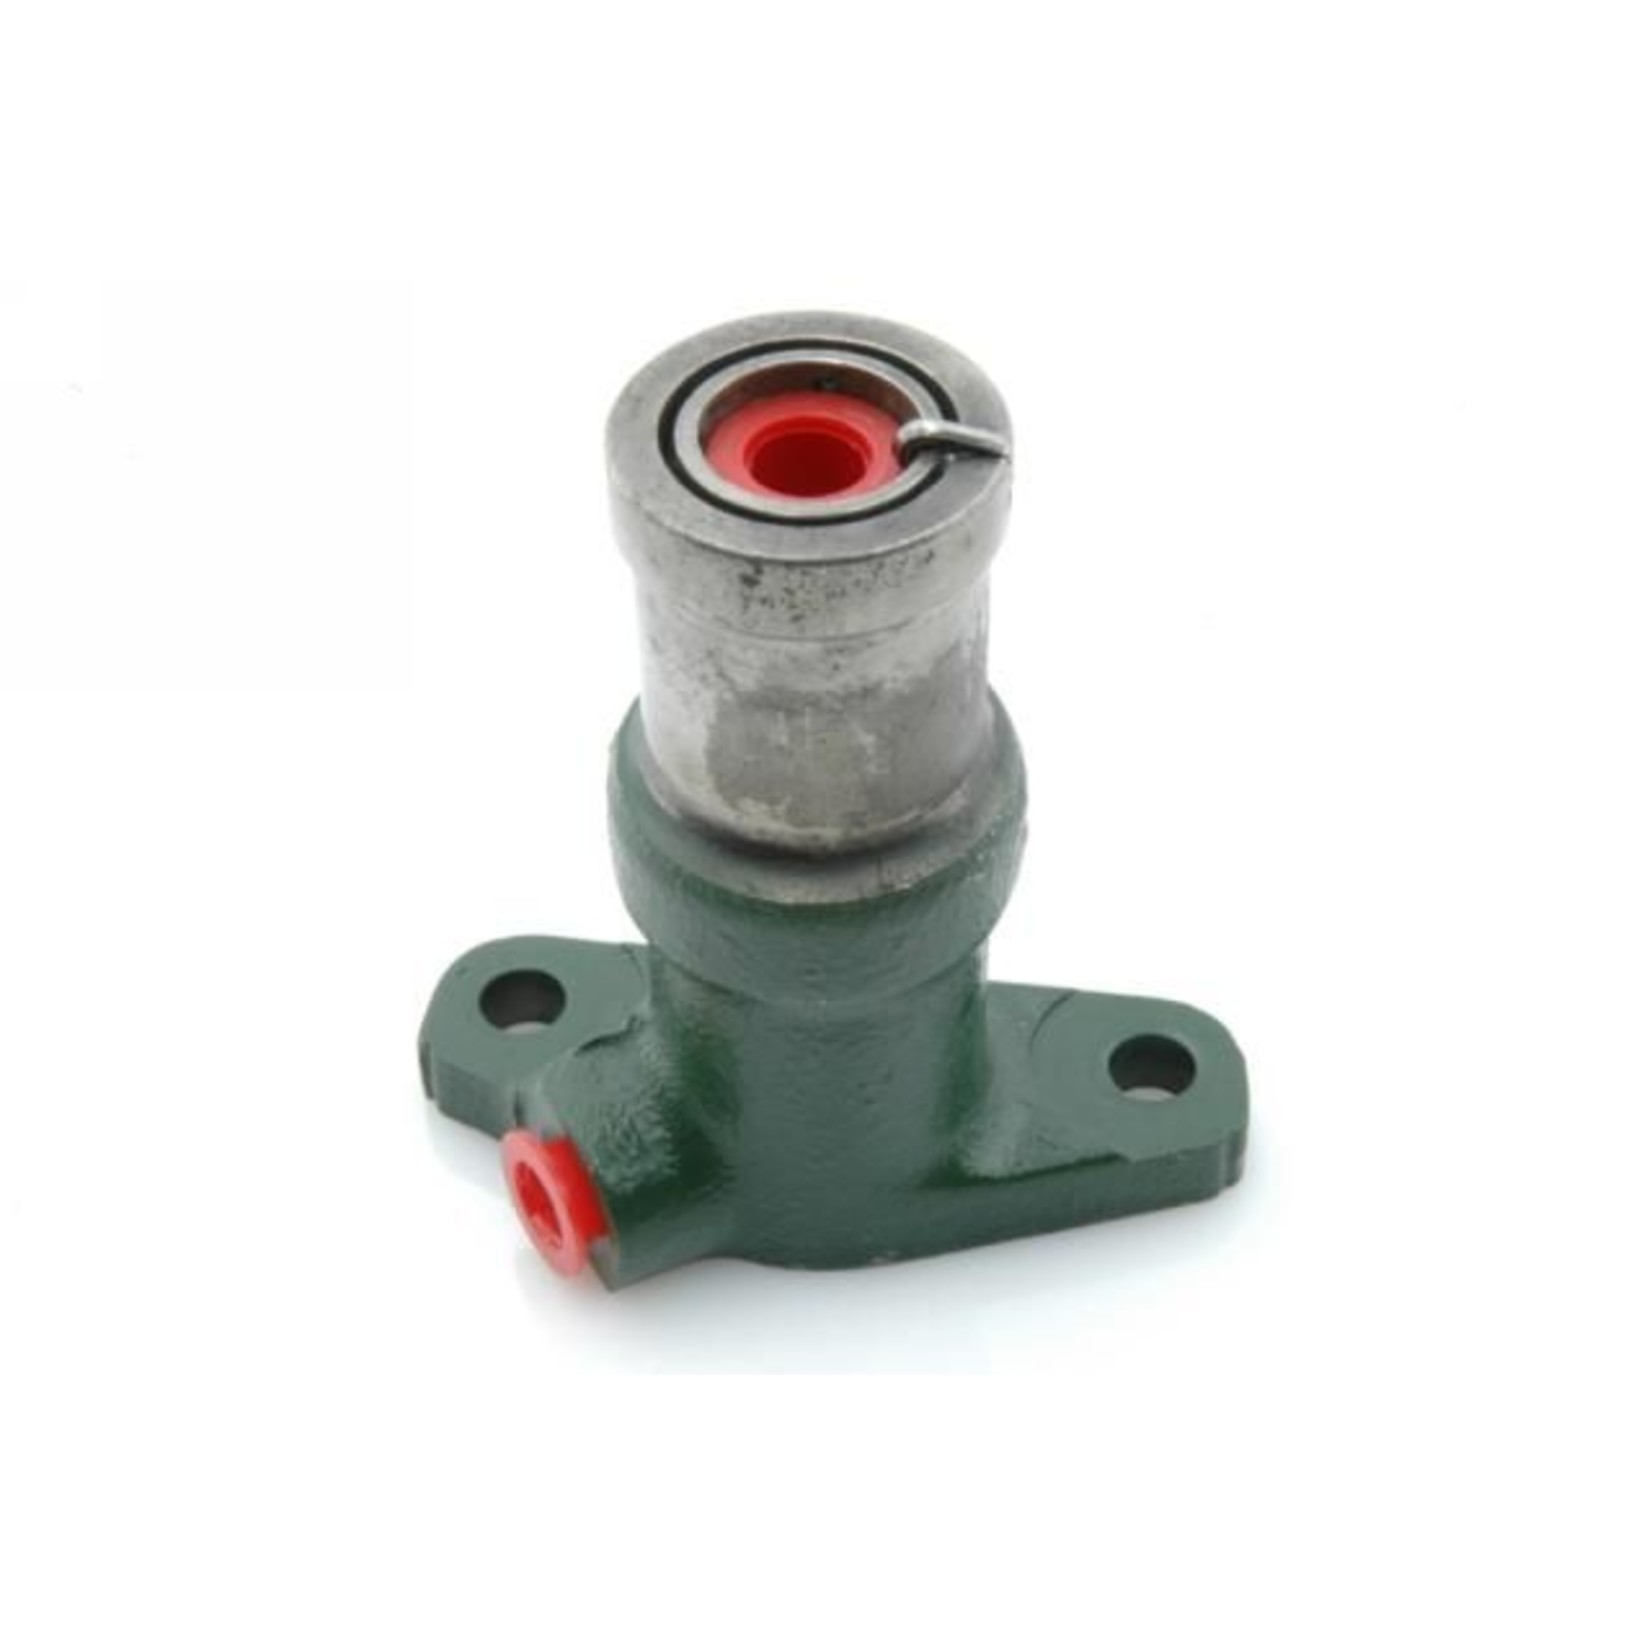 Koppelingscilinder (vingerdrukgroep) gereviseerd LHM Nr Org: DXN31402